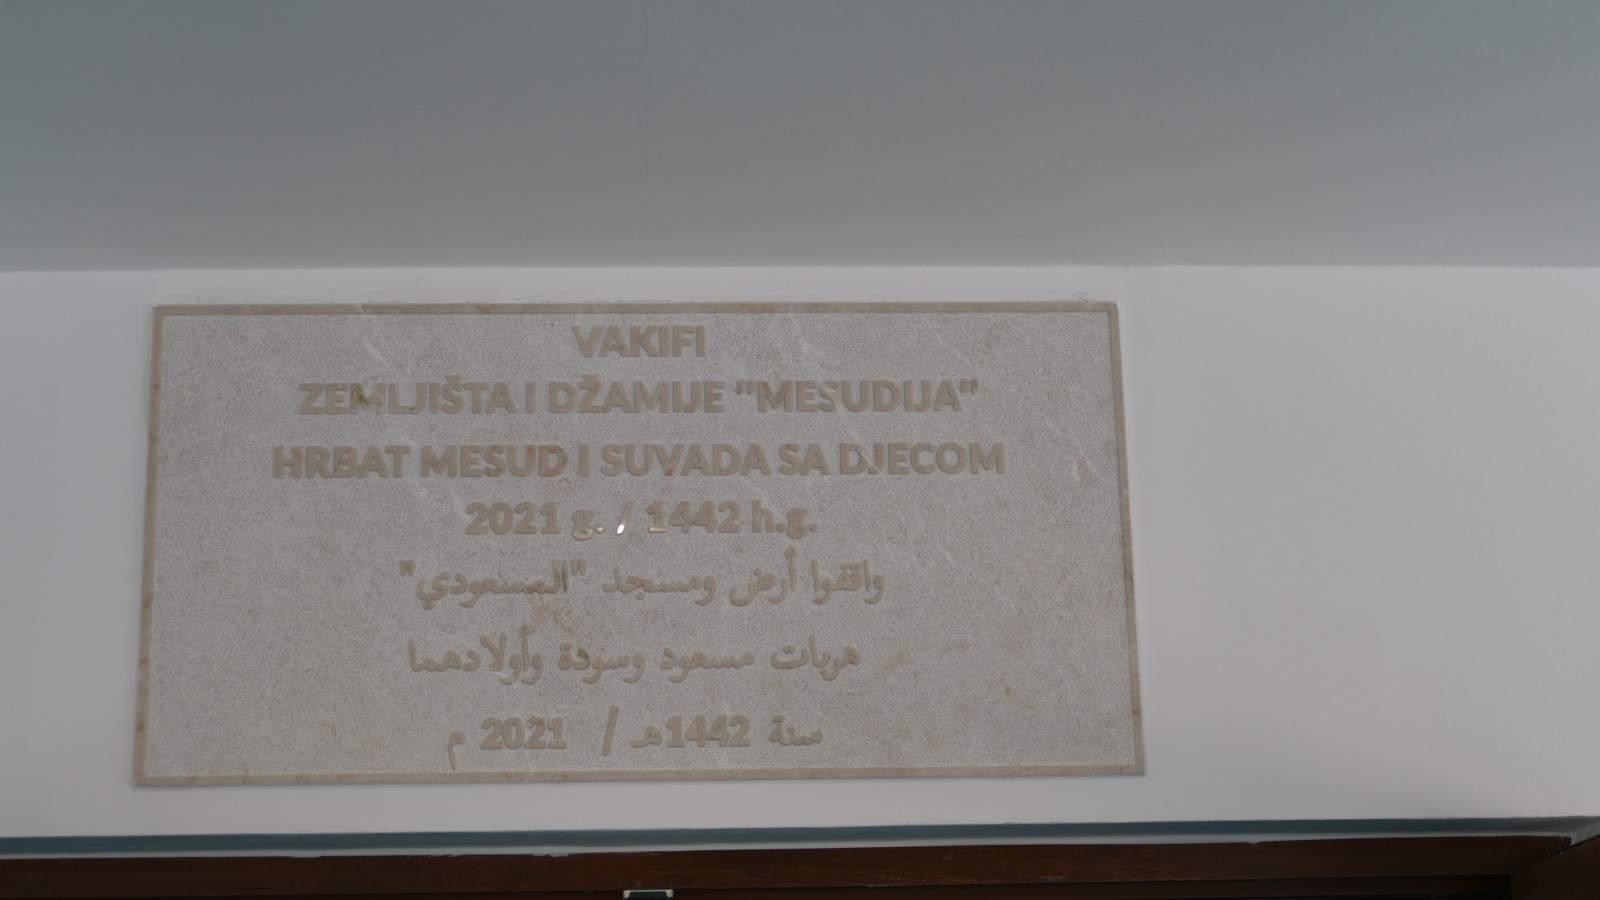 10.jpg - 194. džamija na području MIZ Sarajevo: Svečano otvorena Mesudija u naselju Rječica